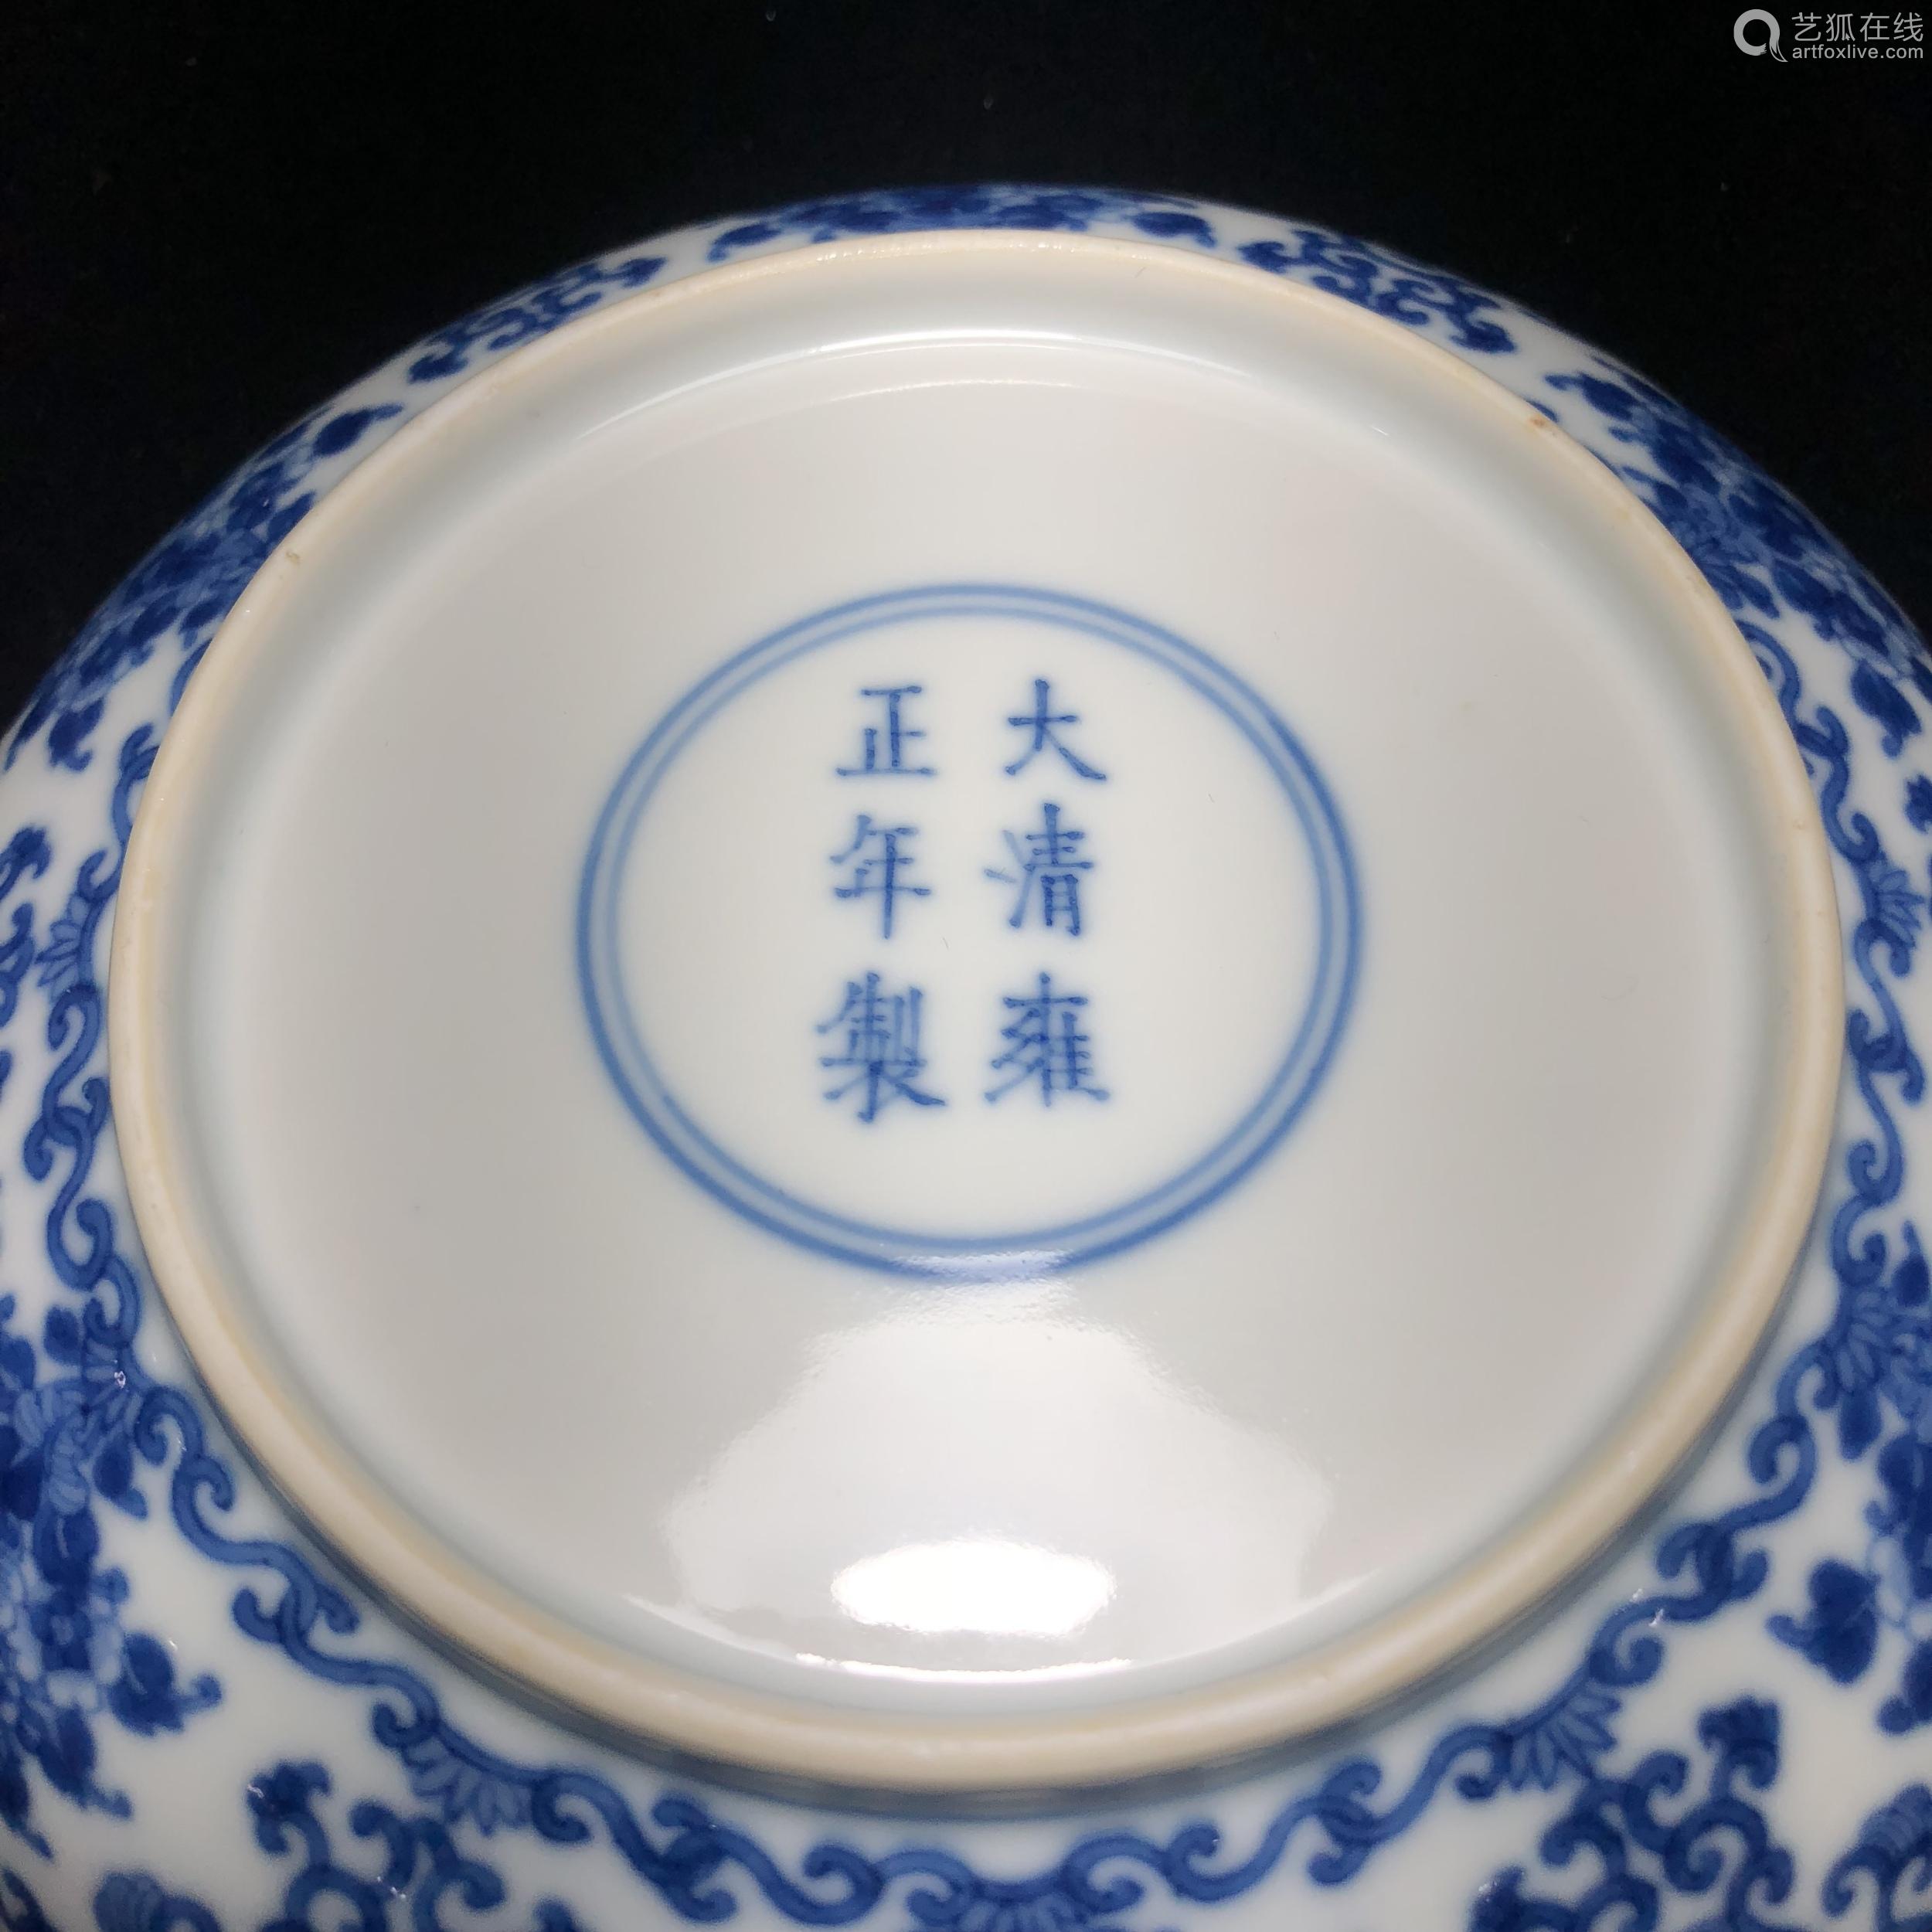 清 雍正 官窑青花寿字纹花卉盘